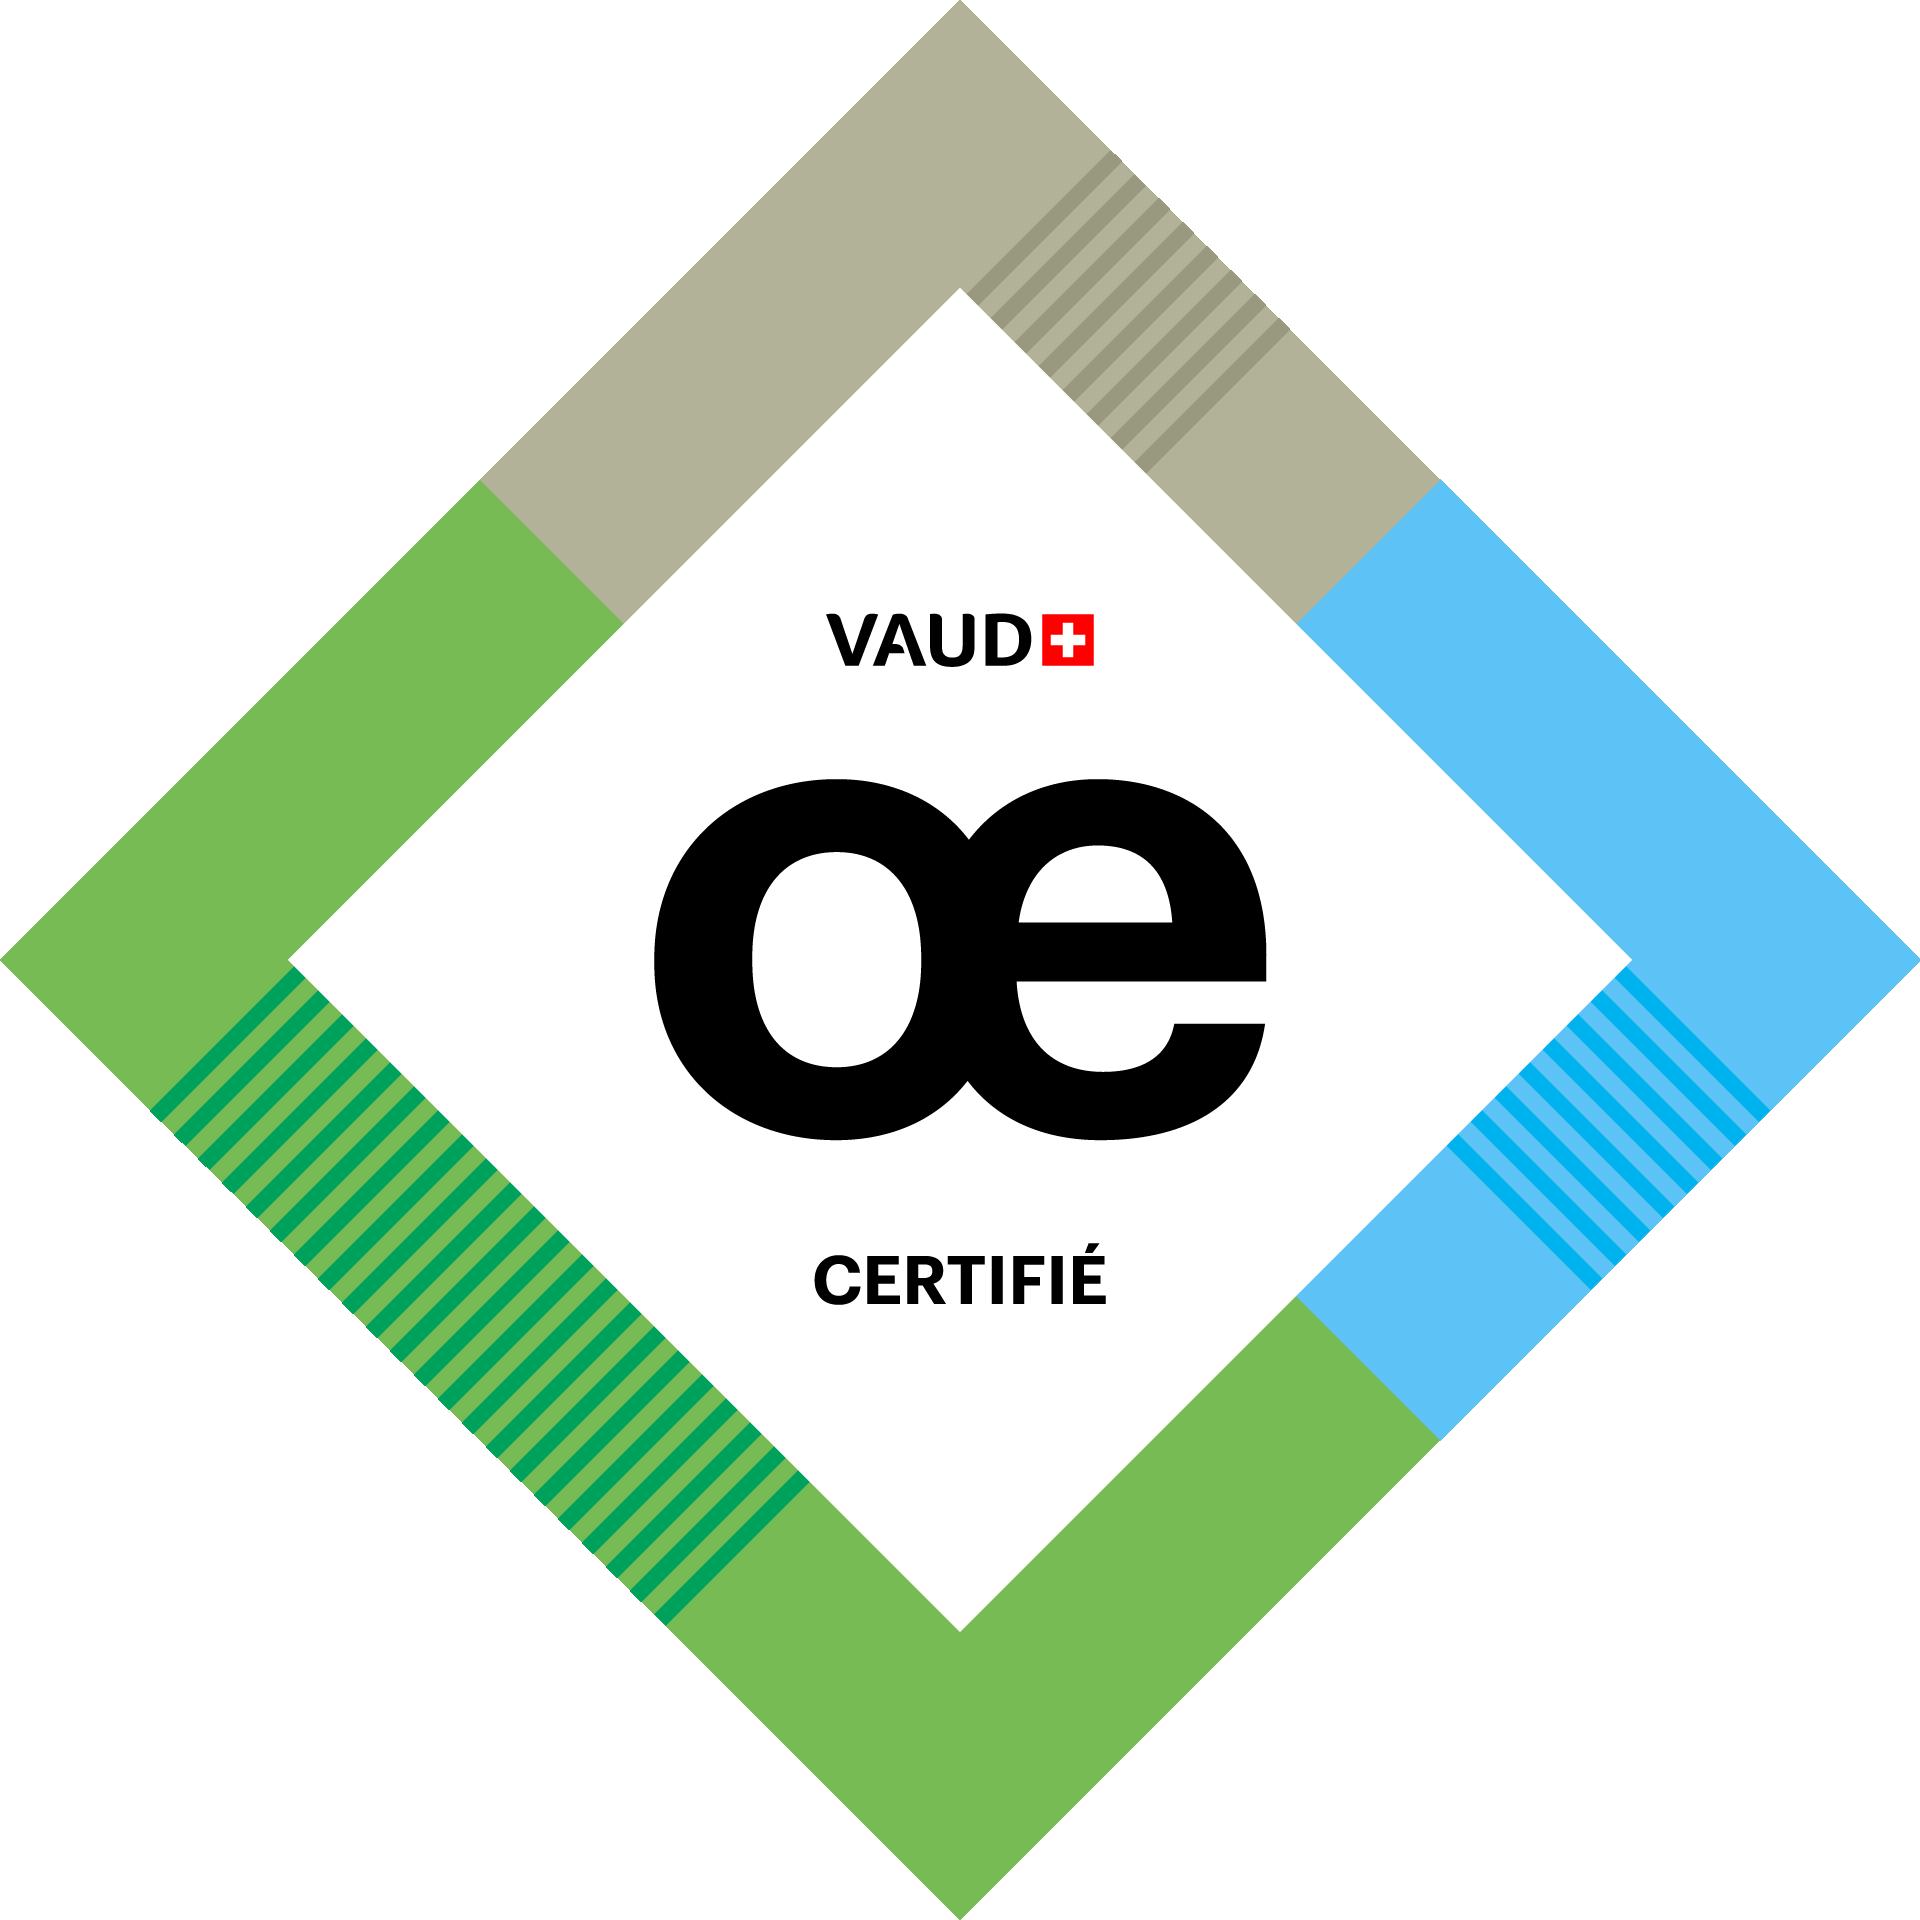 Vaud Oenotourisme